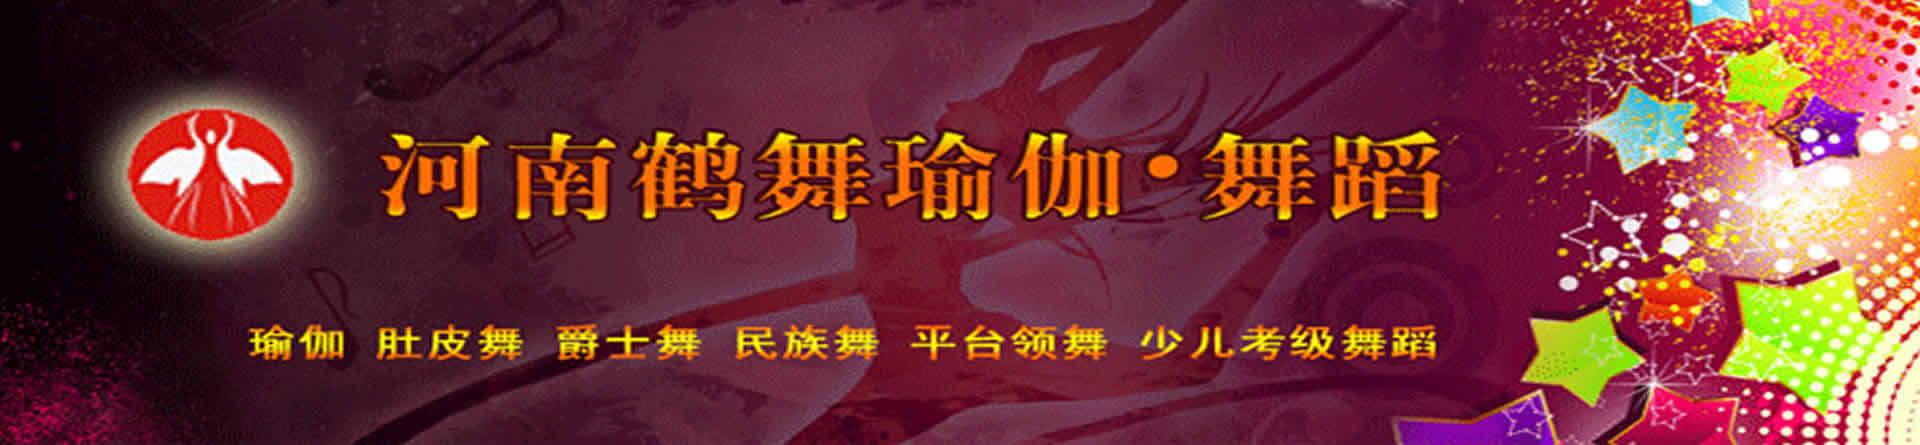 郑州鹤舞瑜伽舞蹈培训